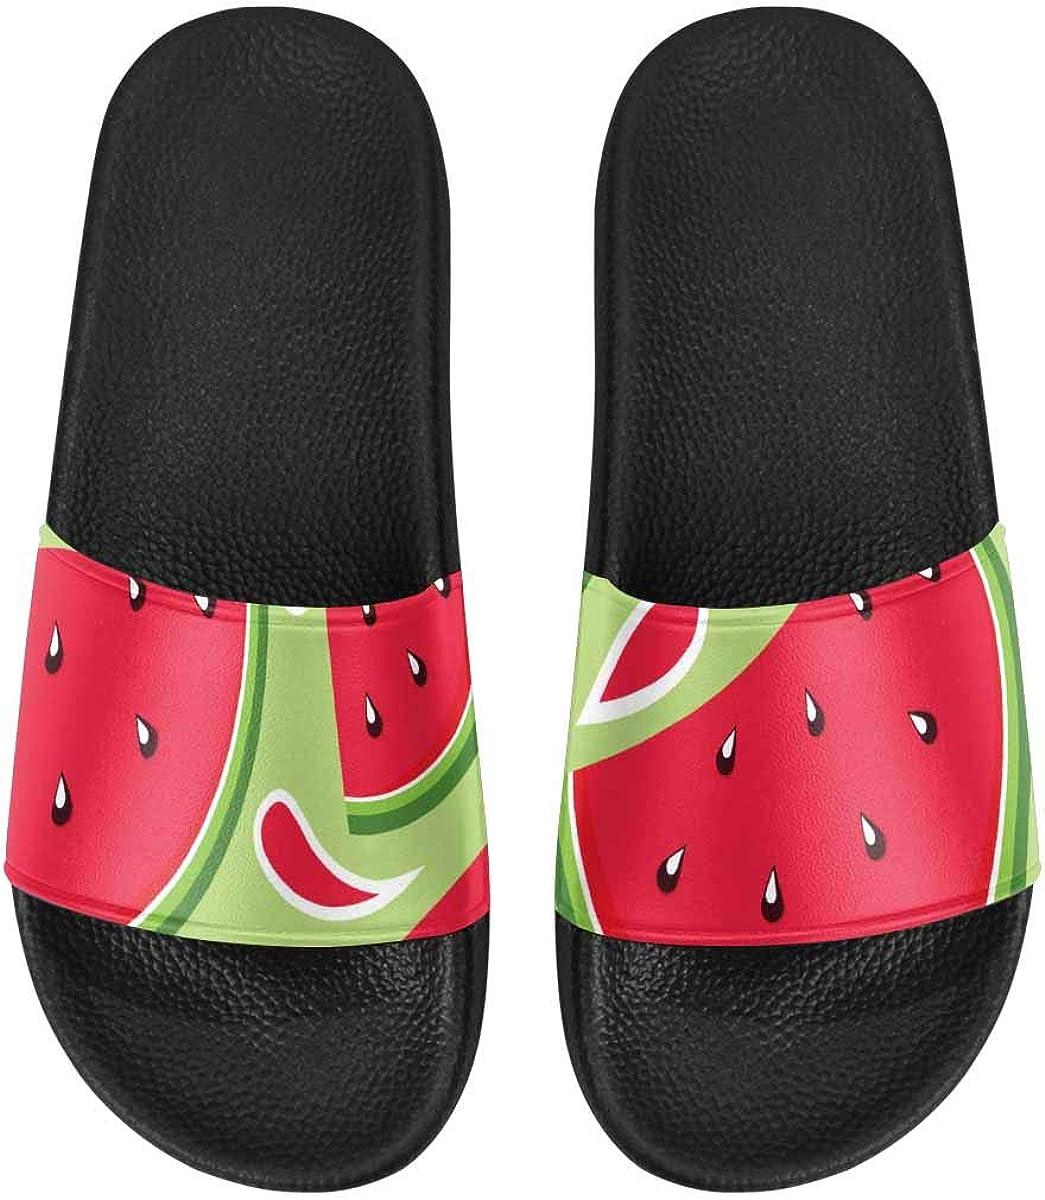 InterestPrint Women's Lightweight Sandals for Outdoor